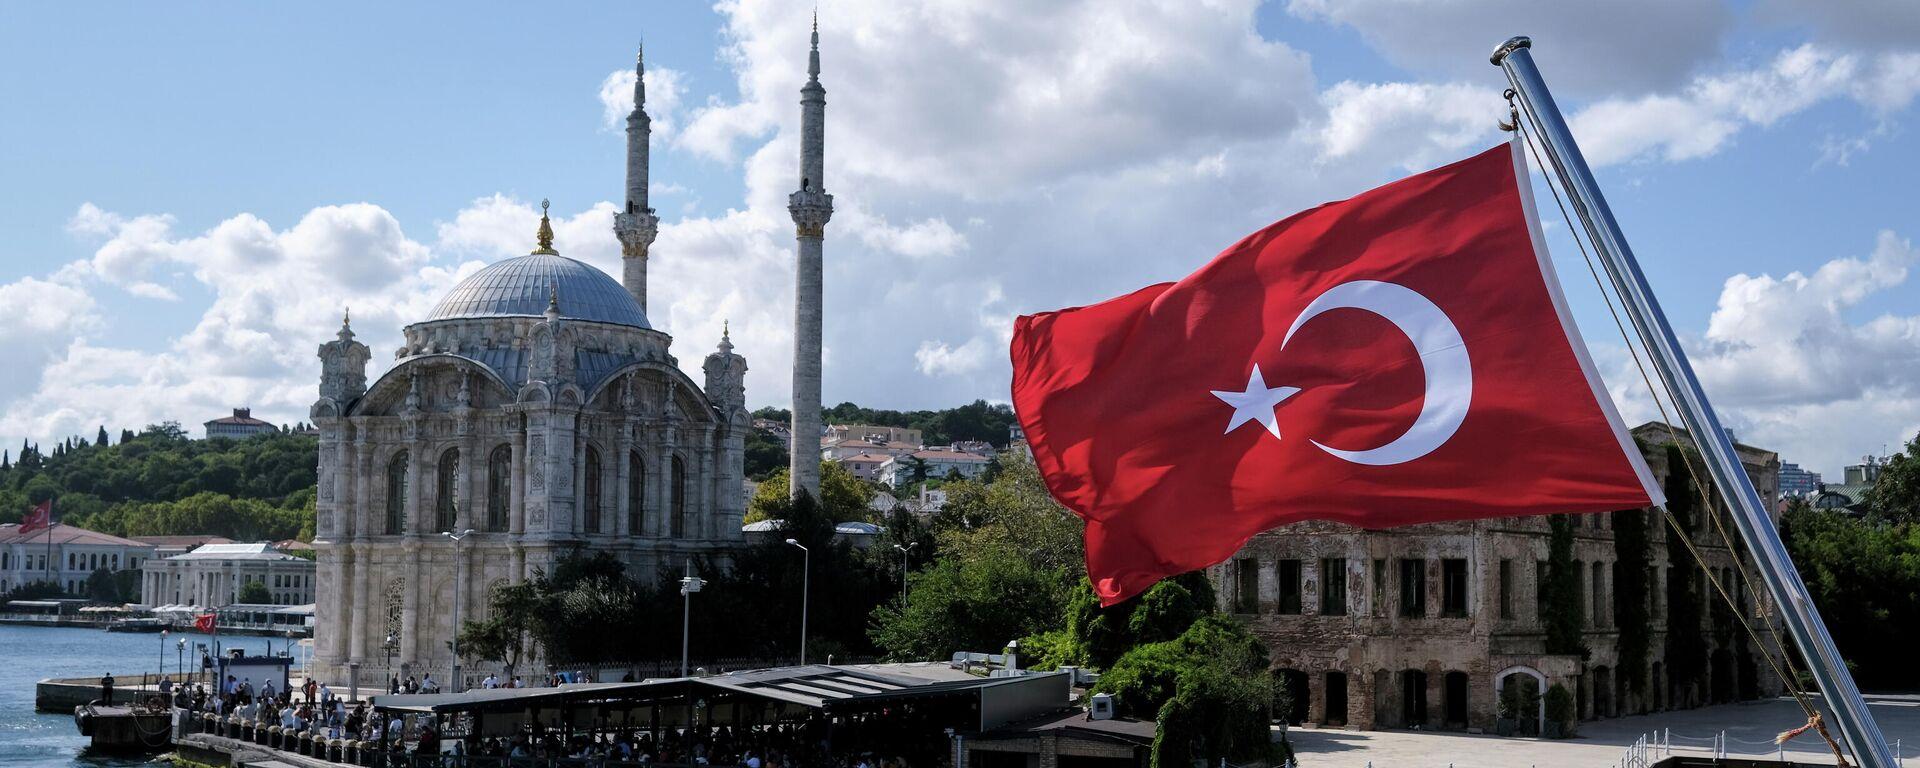 Eine türkische Flagge mit der Ortaköy-Moschee im HIntergrund - SNA, 1920, 14.09.2021